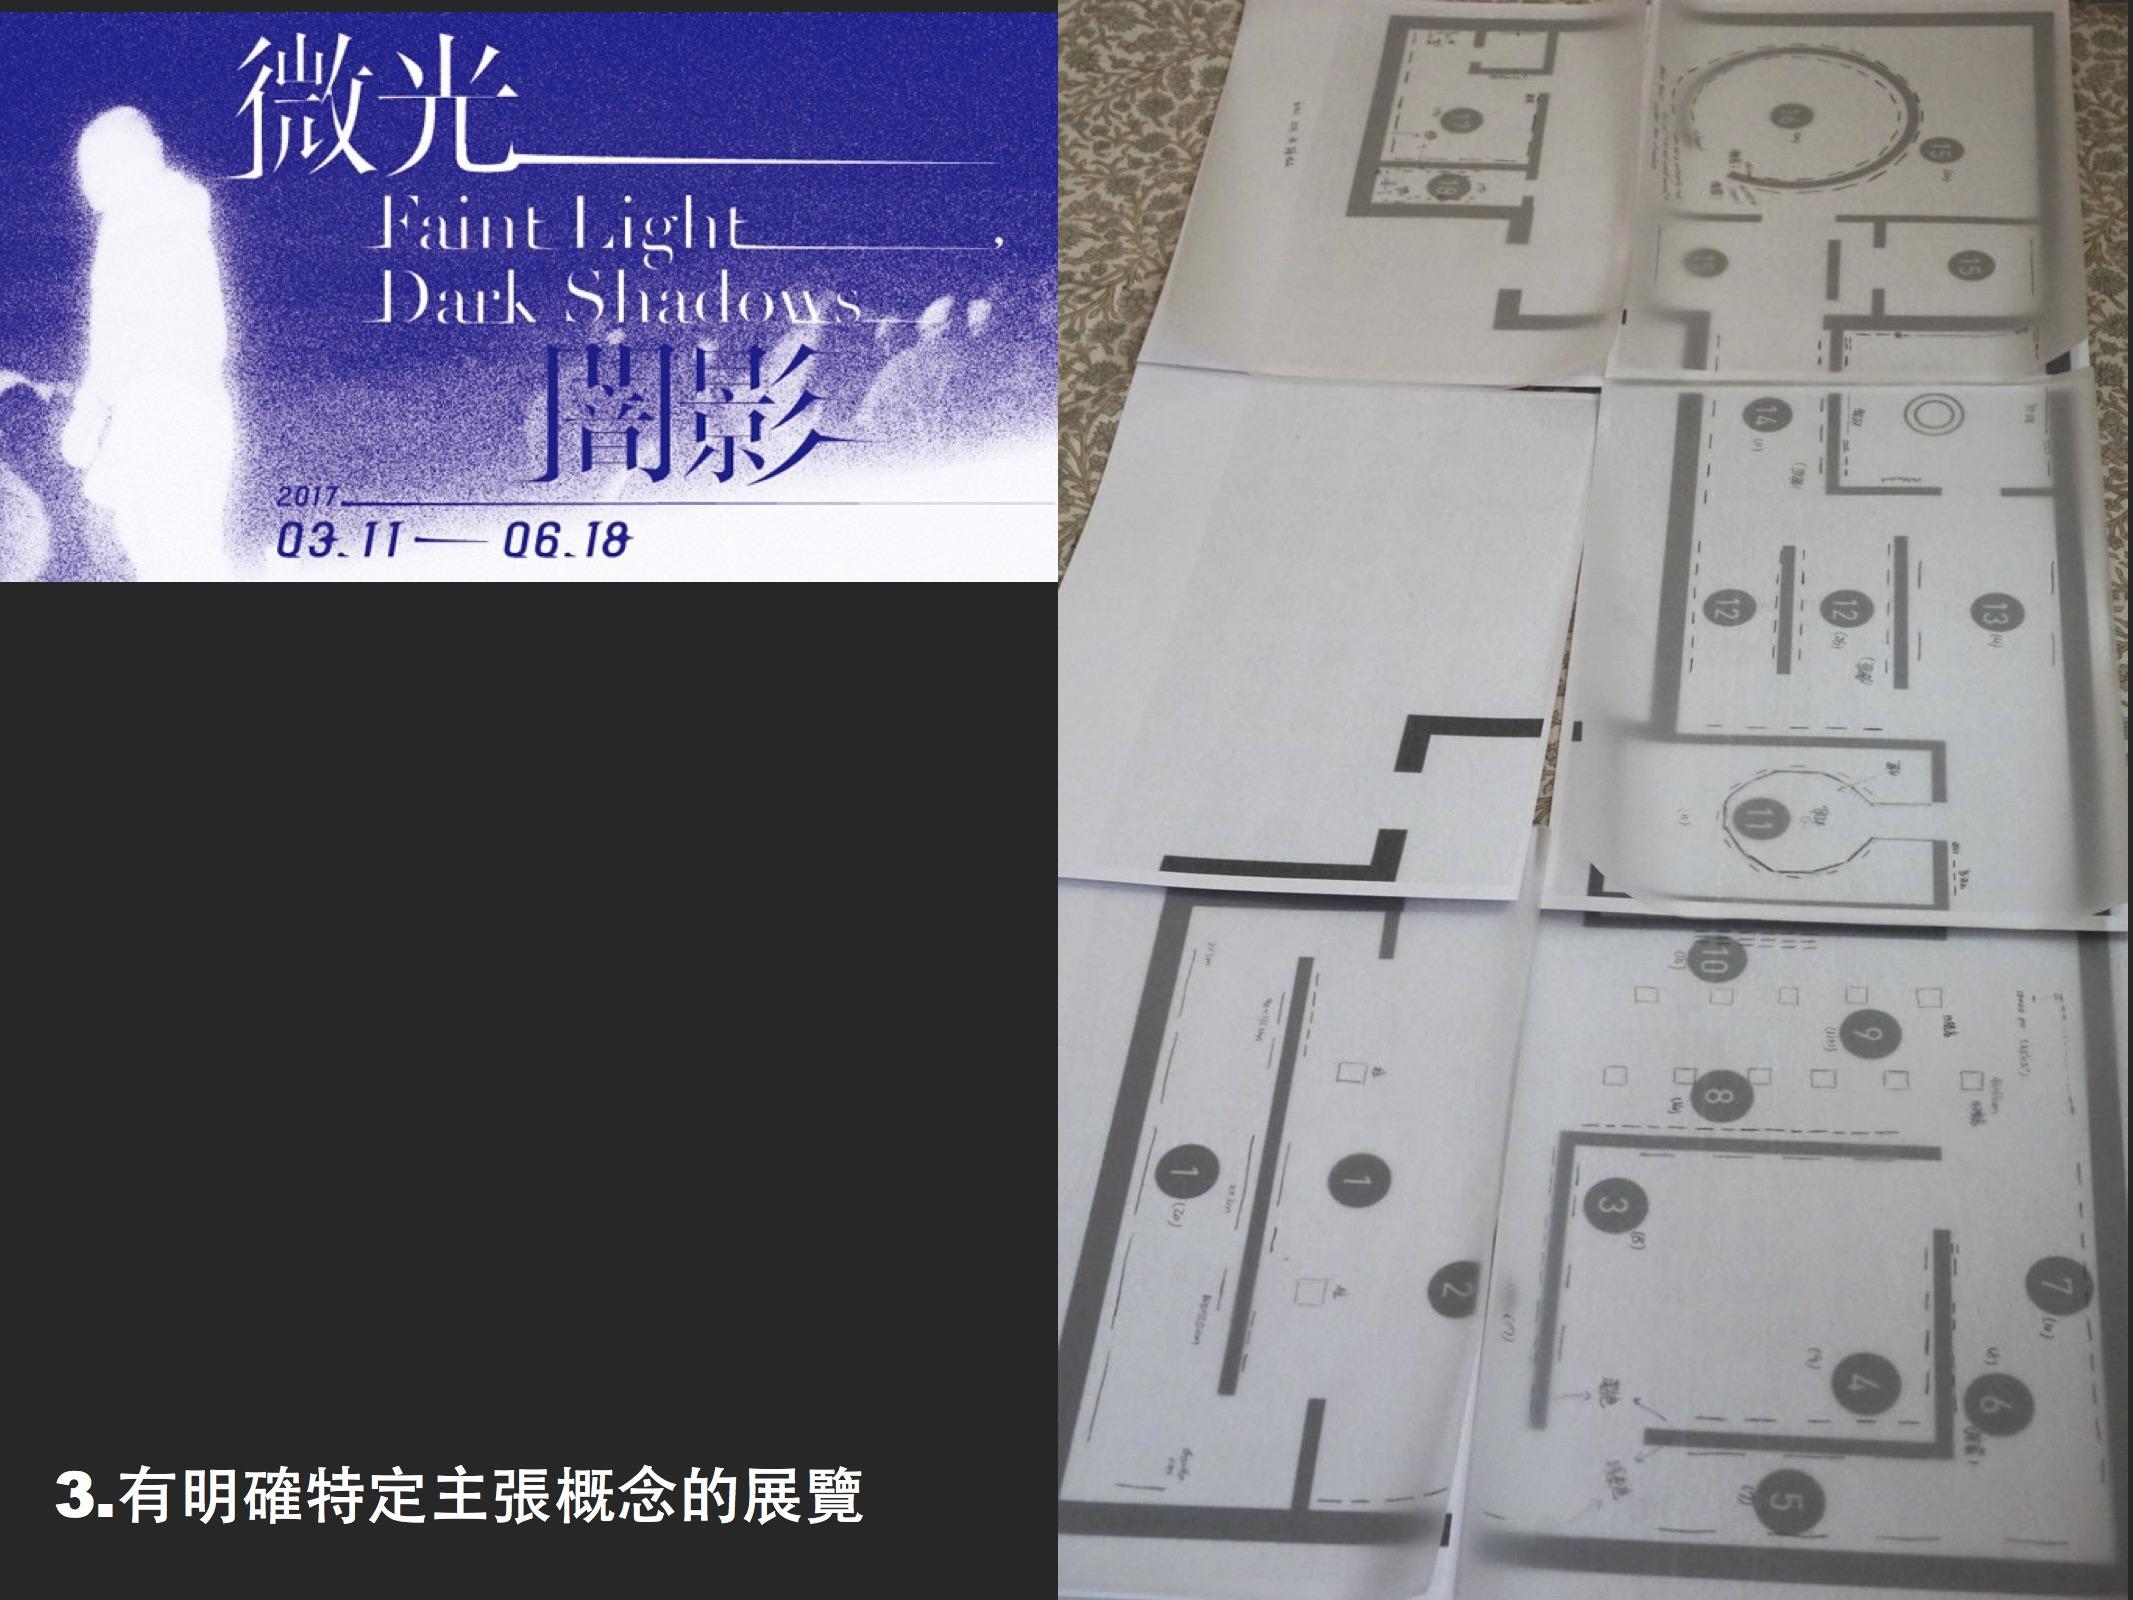 20171005 slide for Lightbox-12.jpg